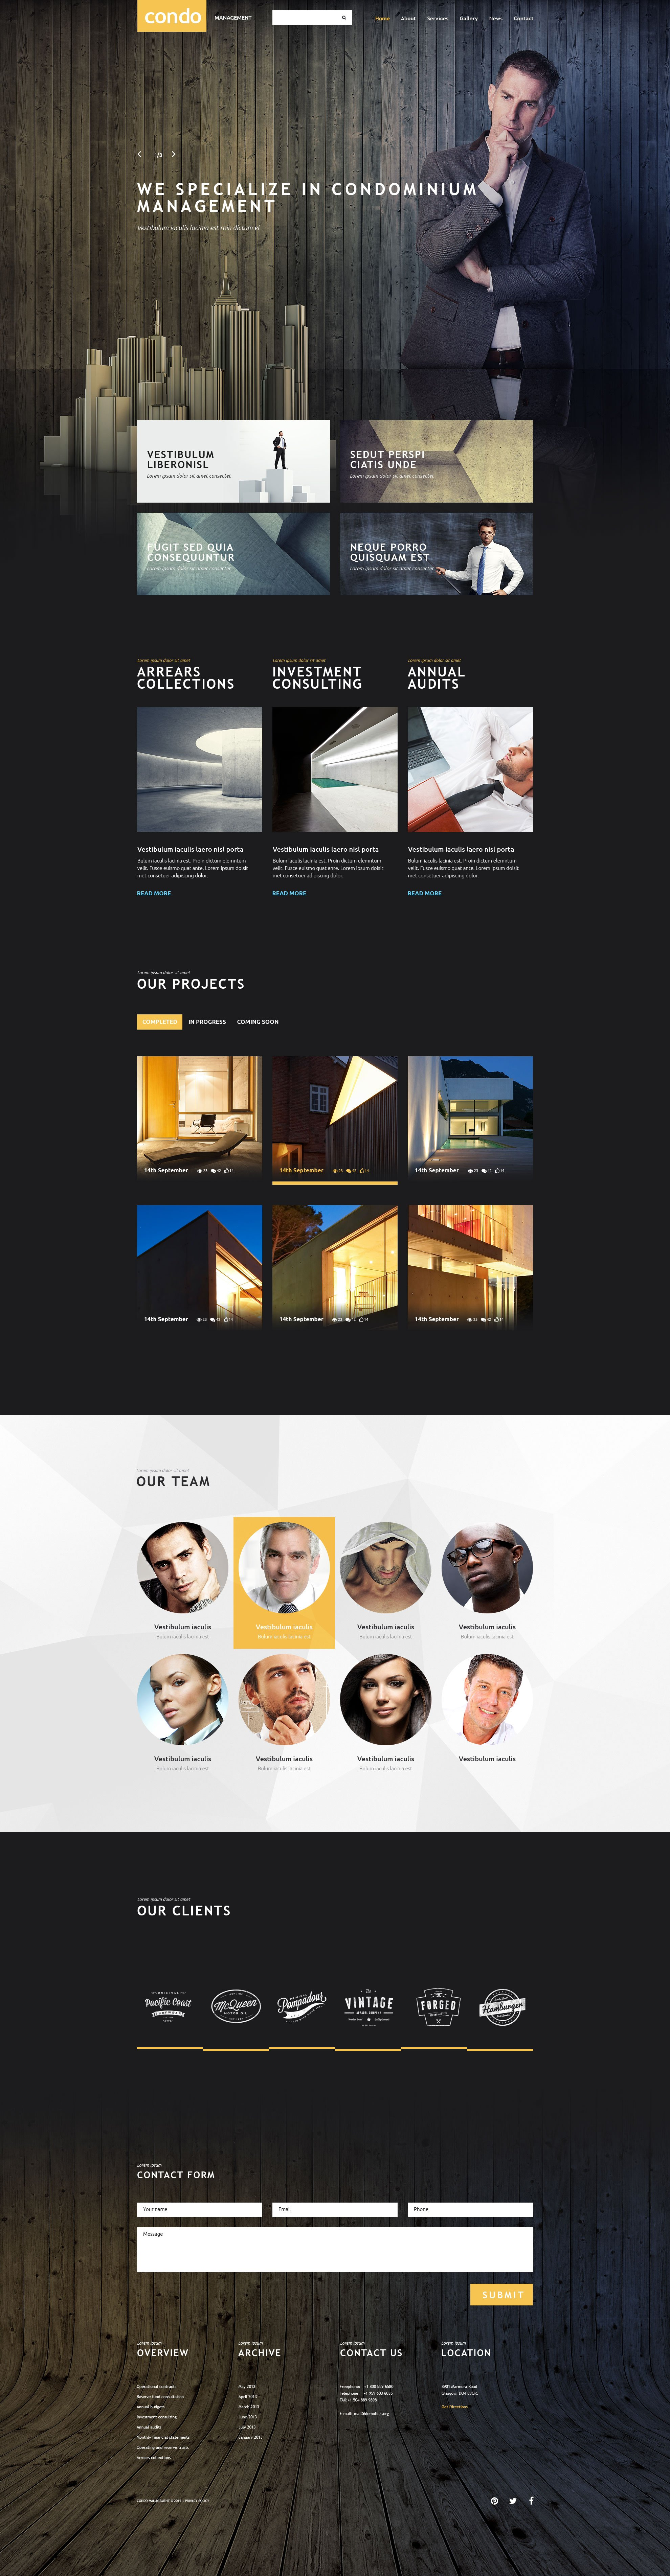 Template siti web per un sito di societ di gestione for Siti web di costruzione domestica